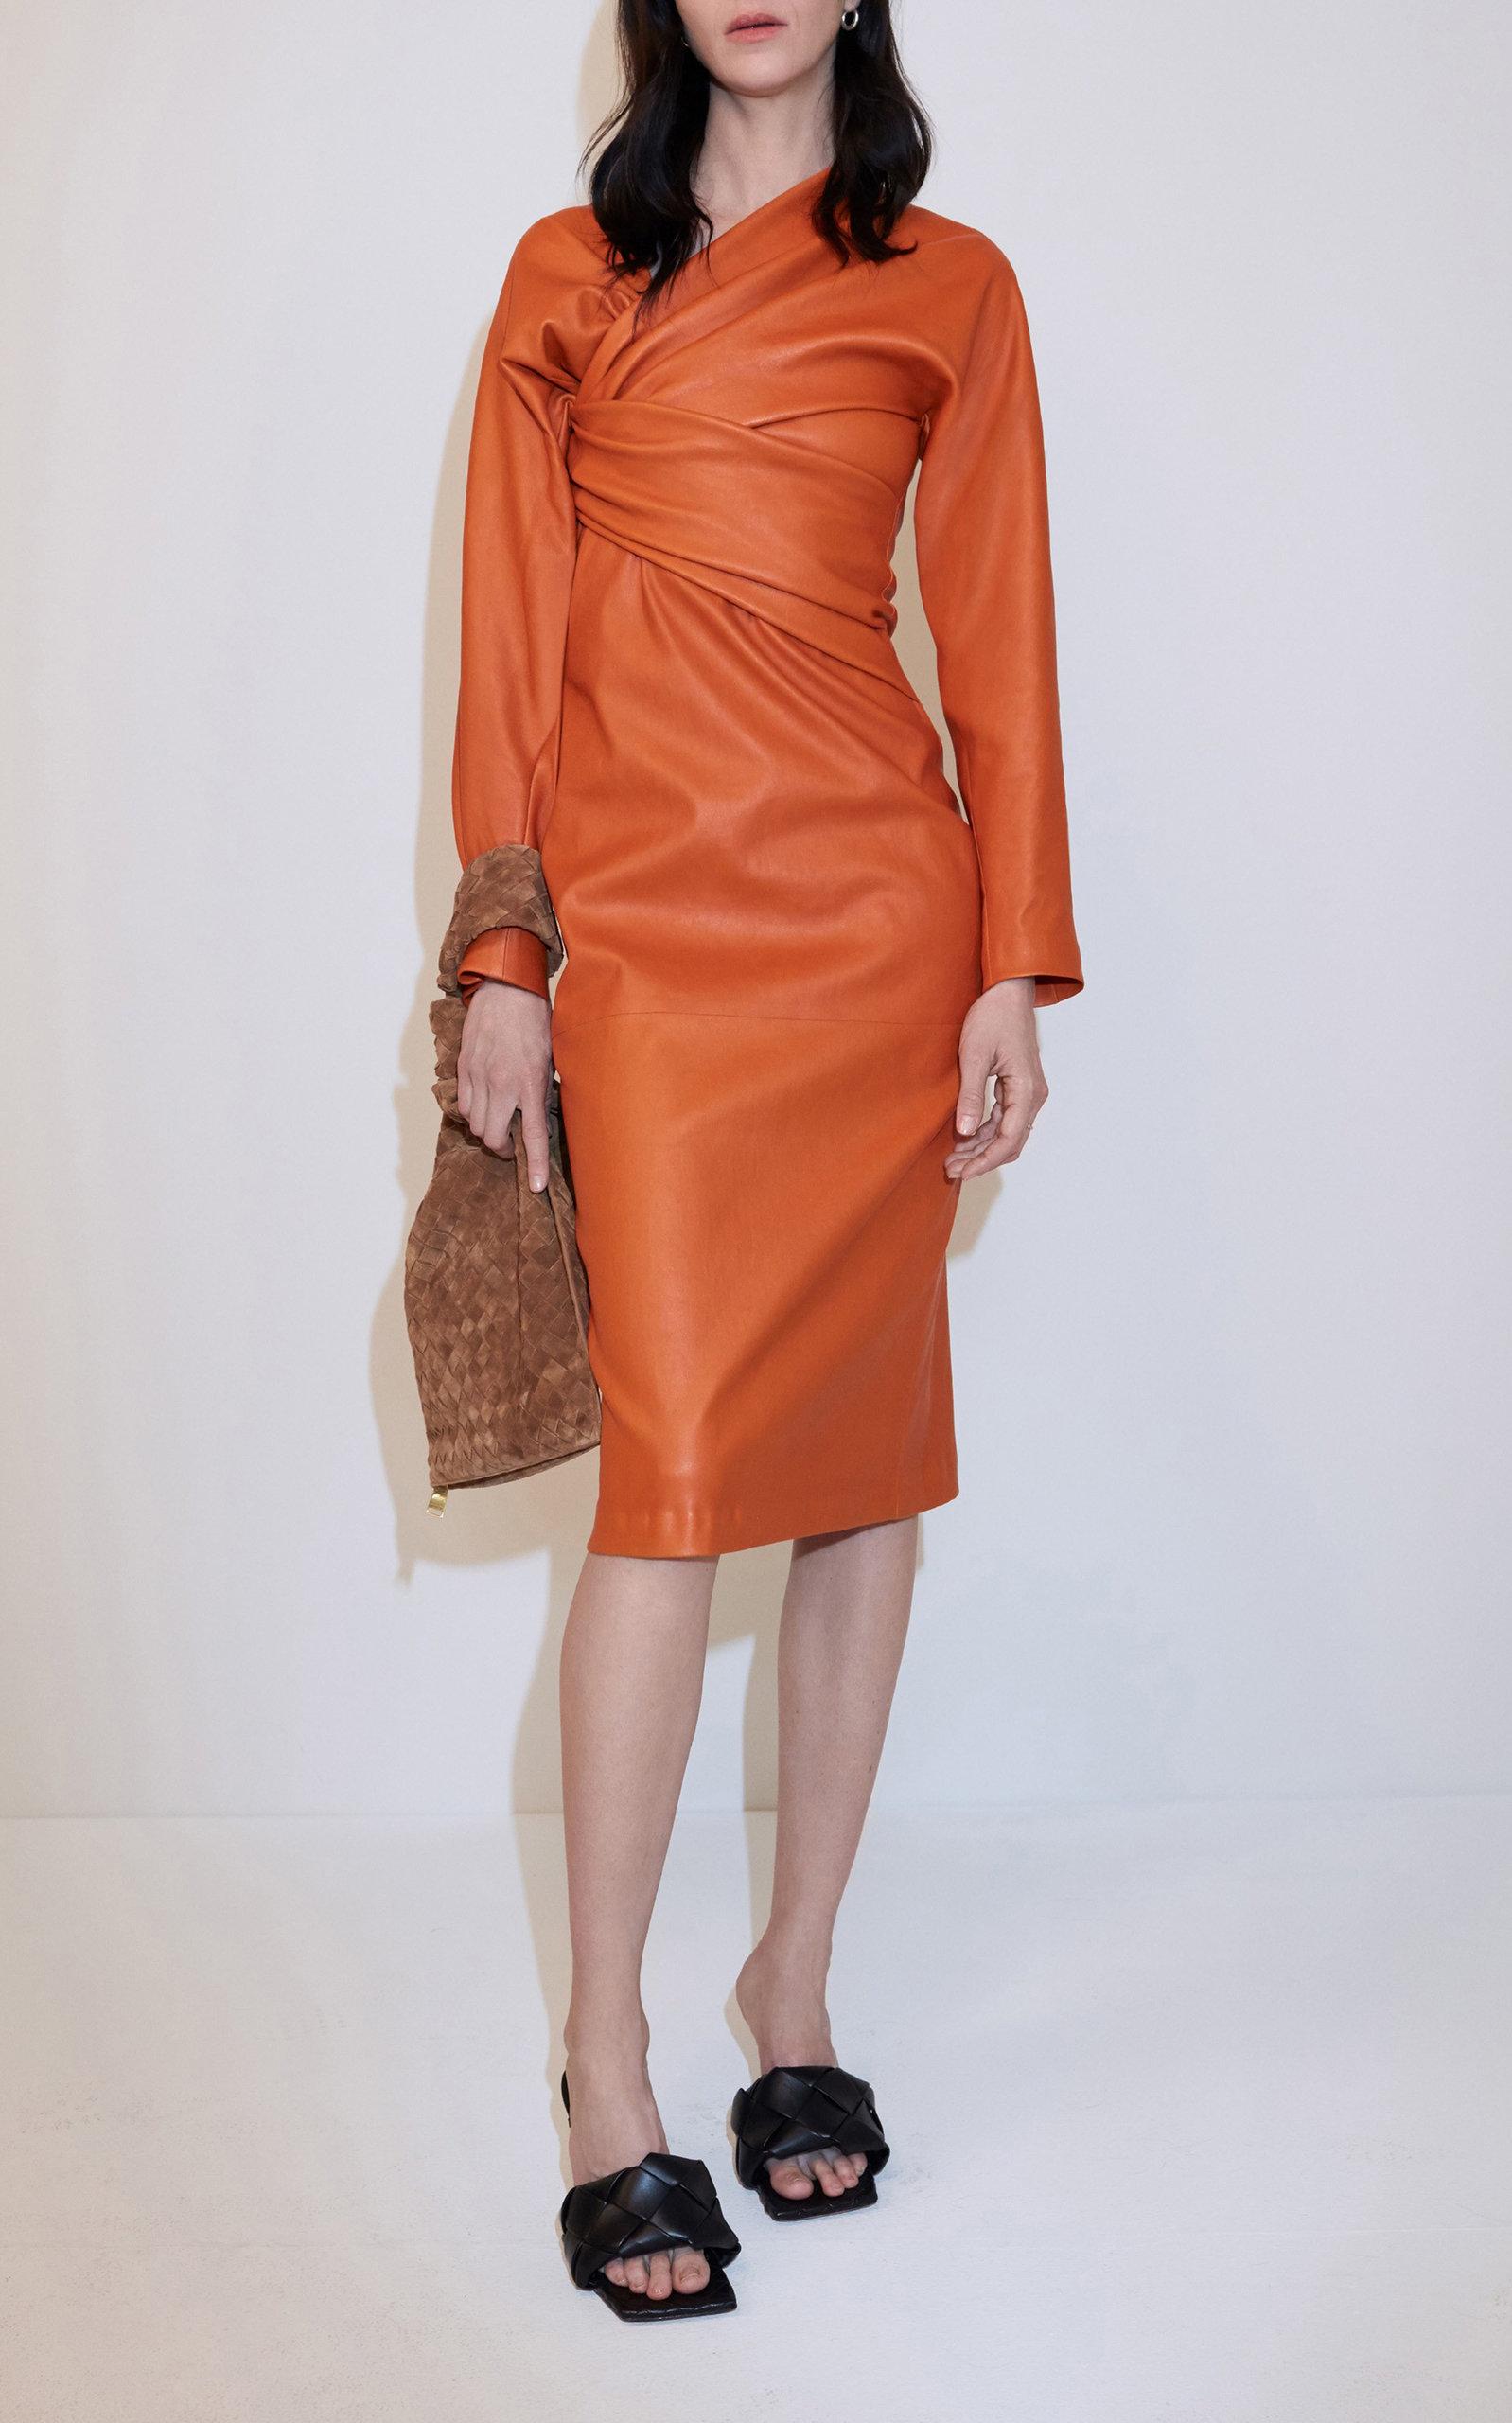 Bottega Veneta – Women's Draped Leather Dress – Orange – Moda Operandi